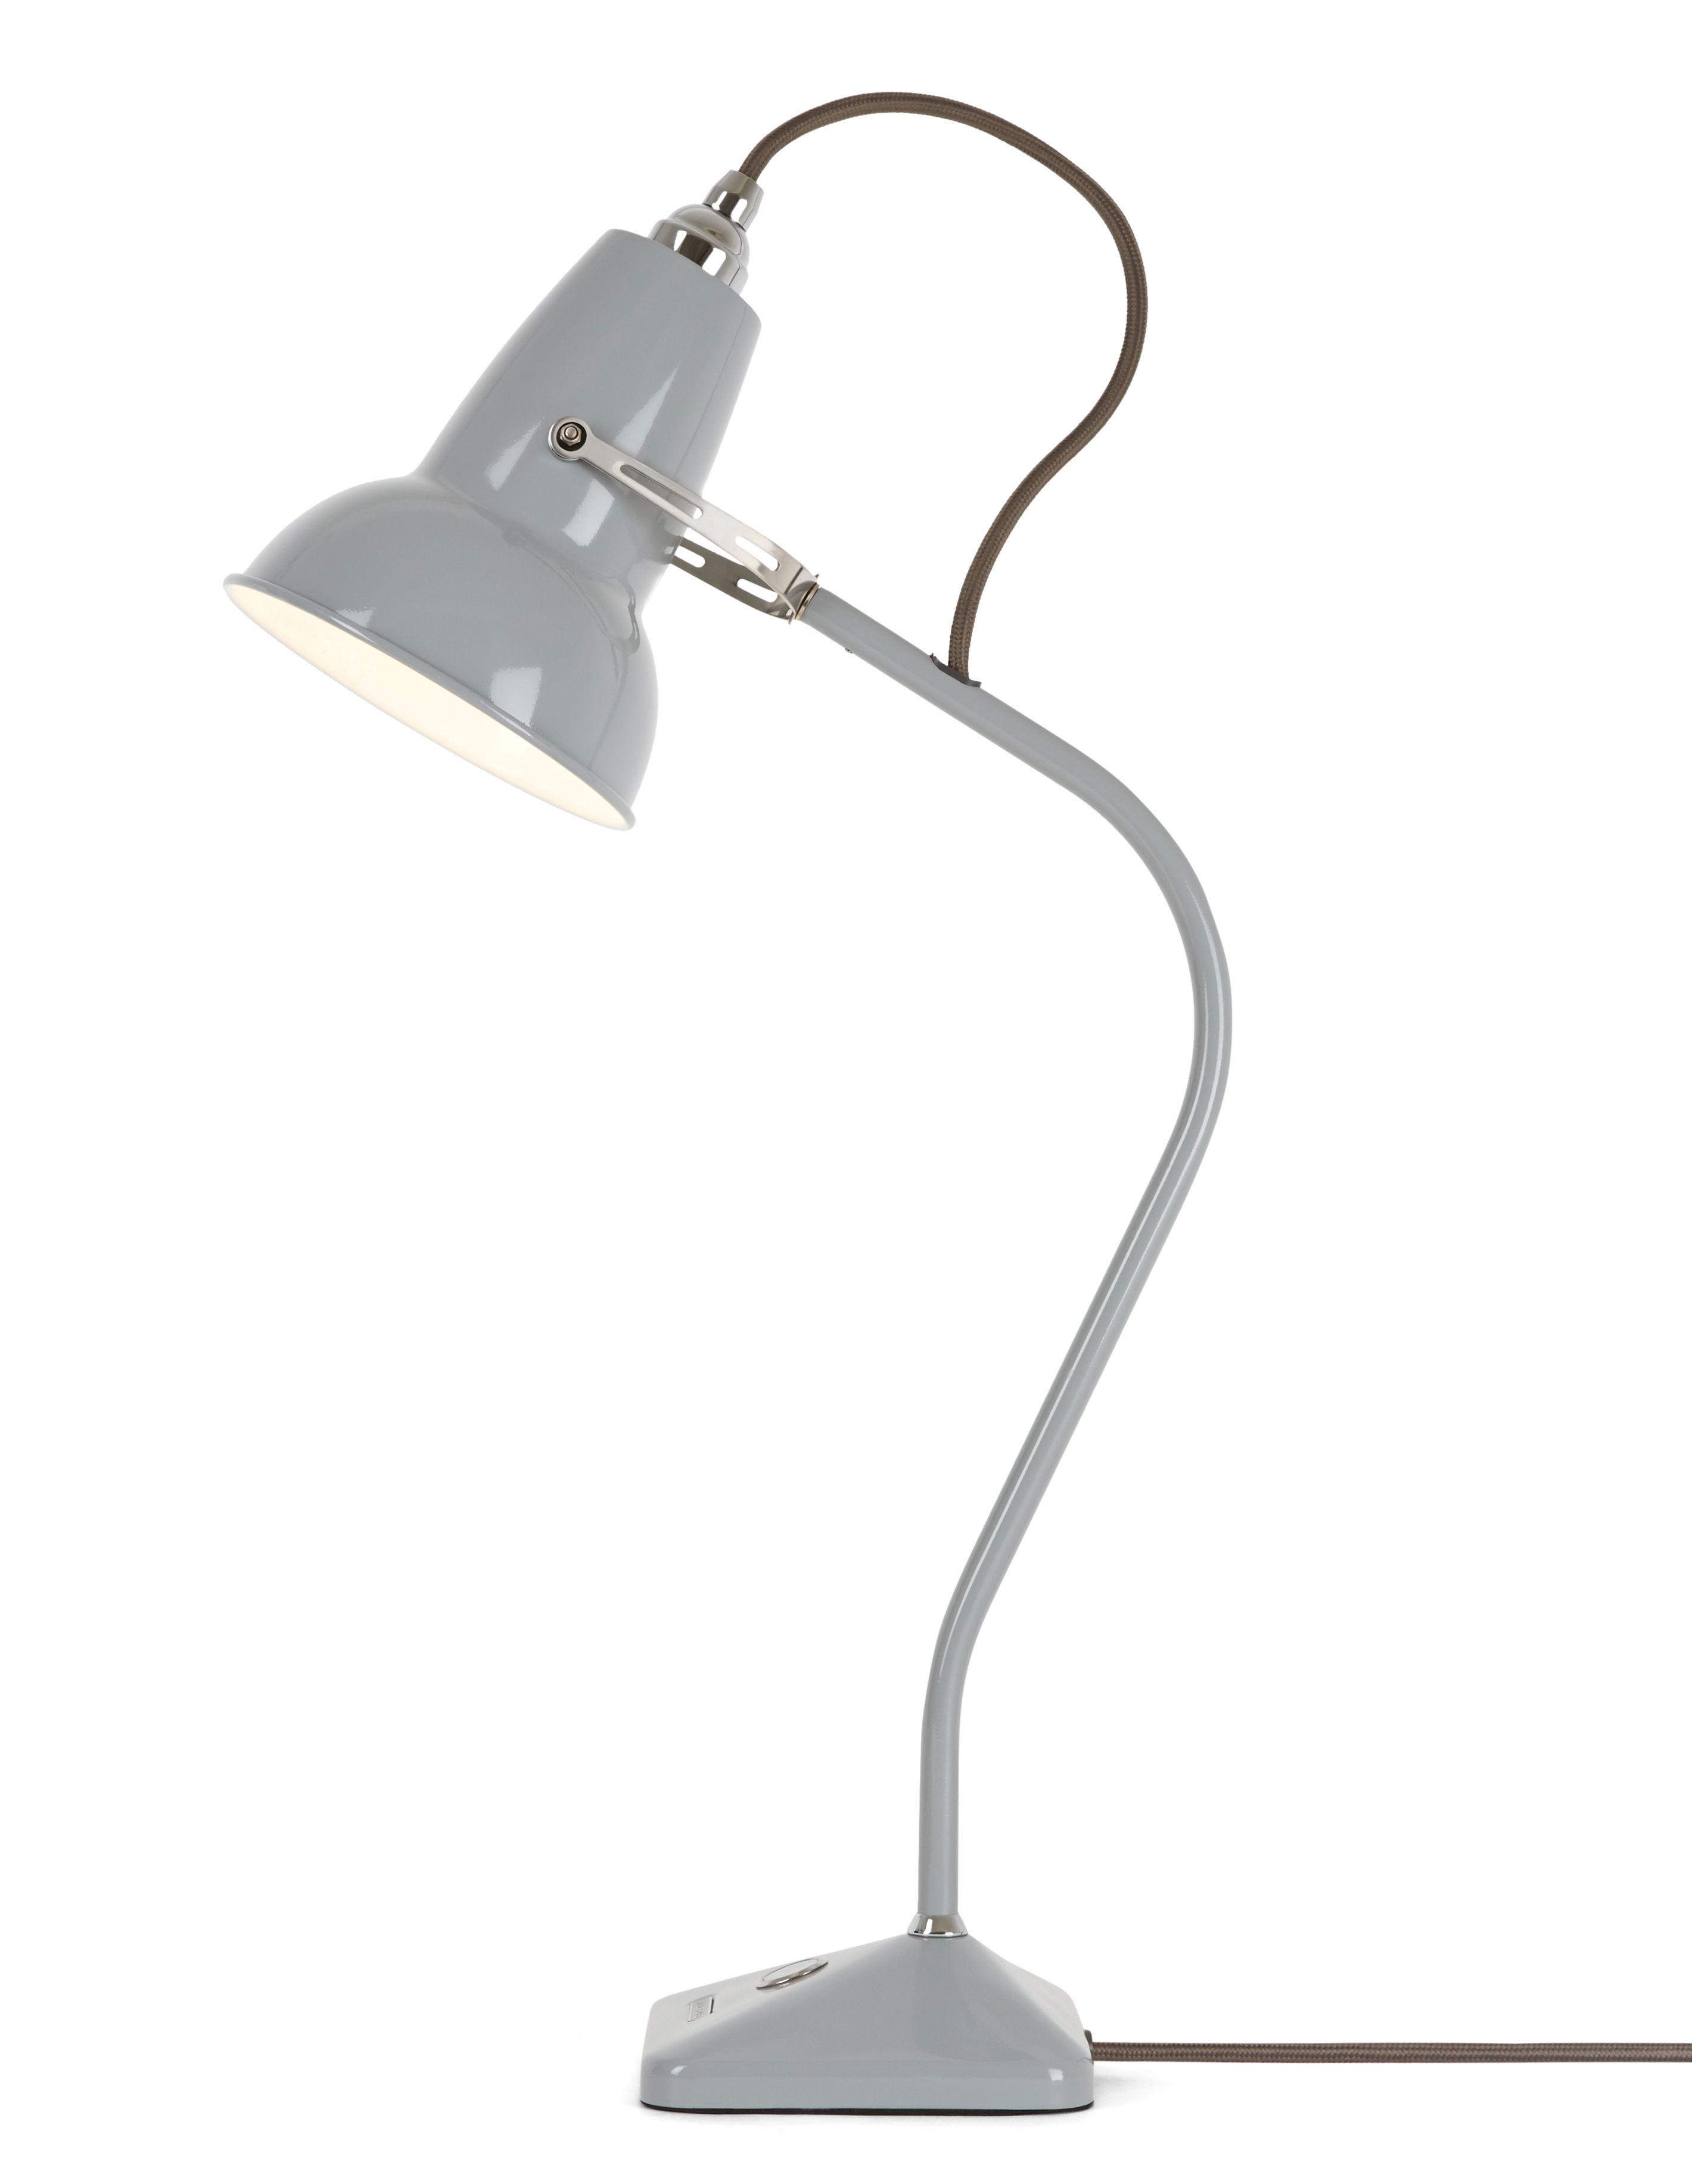 Illuminazione - Lampade da tavolo - Lampada da tavolo Original 1227 Mini / Braccio fisso - H 52 cm - Anglepoise - Grigio colomba - Acciaio, Fonte de fer